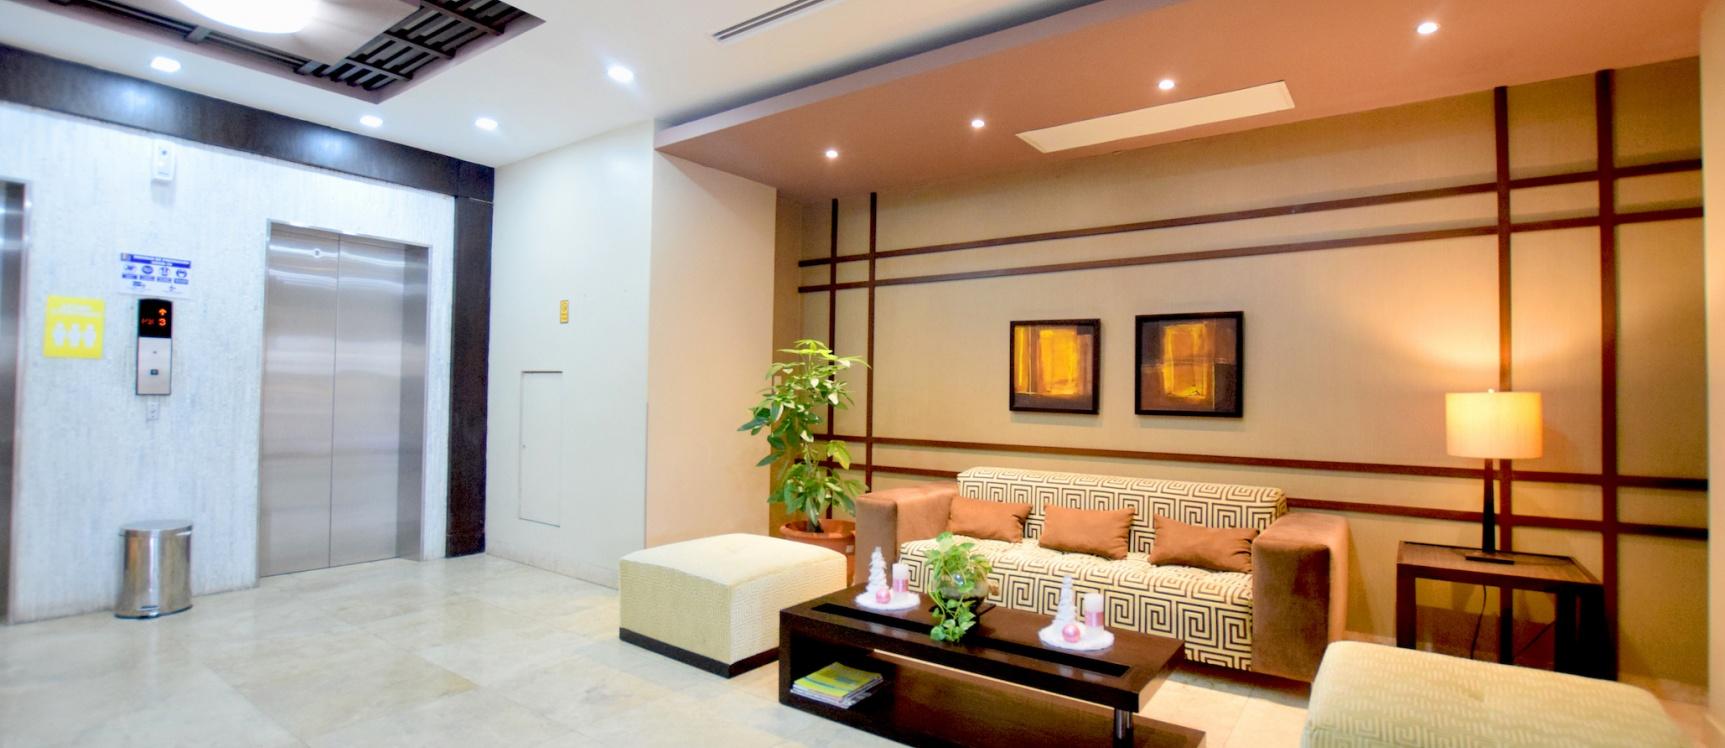 GeoBienes - Suite en alquiler ubicada en Ciudad Colón, Norte de Guayaquil - Plusvalia Guayaquil Casas de venta y alquiler Inmobiliaria Ecuador